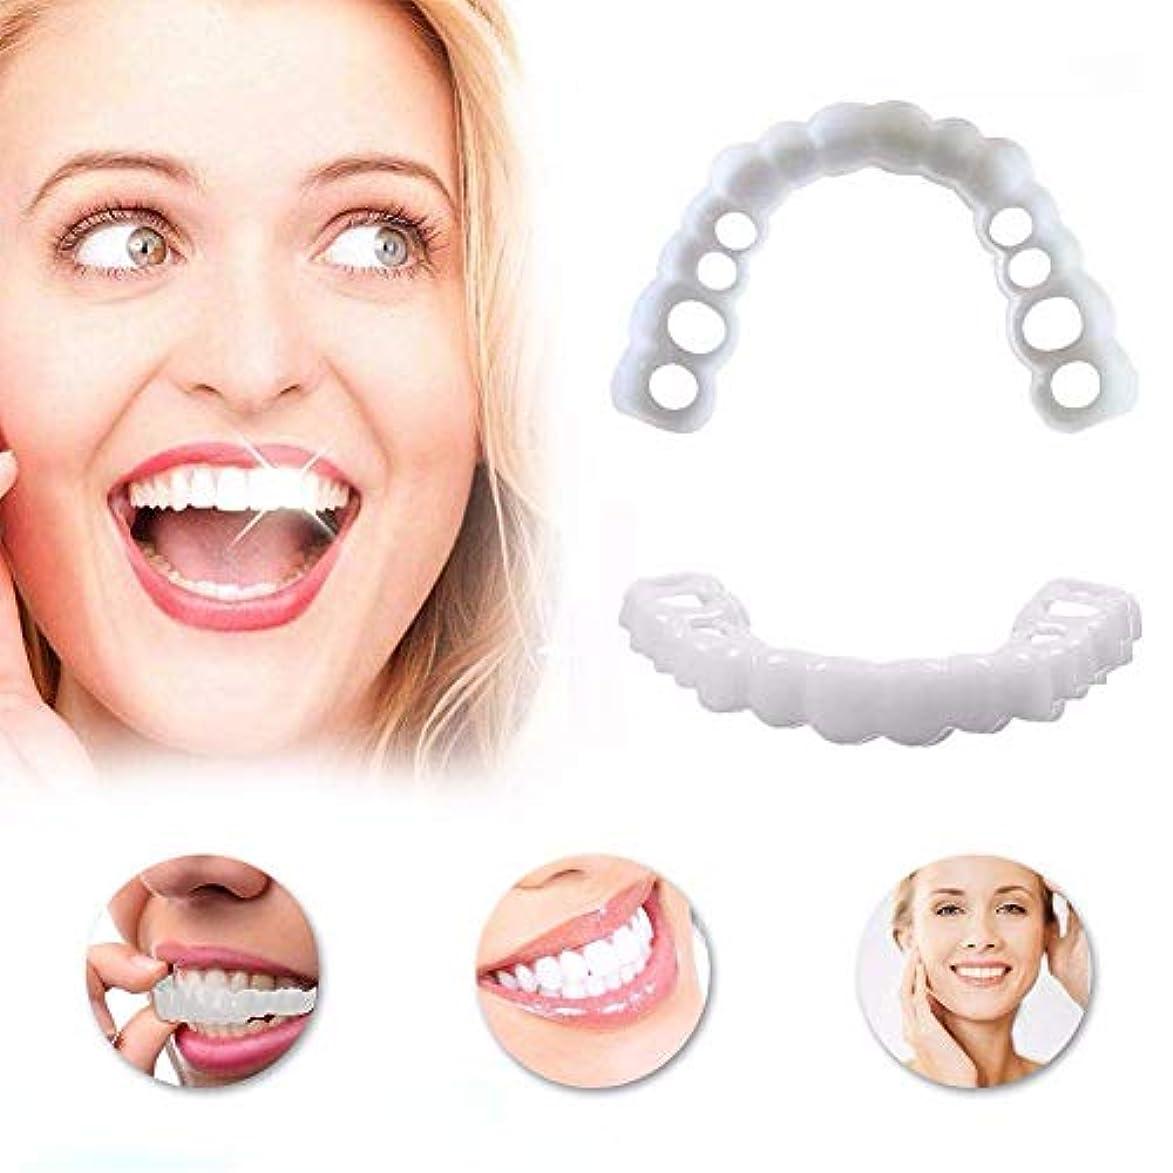 失速危険を冒しますメーターインスタントパーフェクトスマイルコンフォートフィットするFlex歯ベニア3Pairアッパー歯+下の歯のホワイトニングスーツの化粧品スナップ